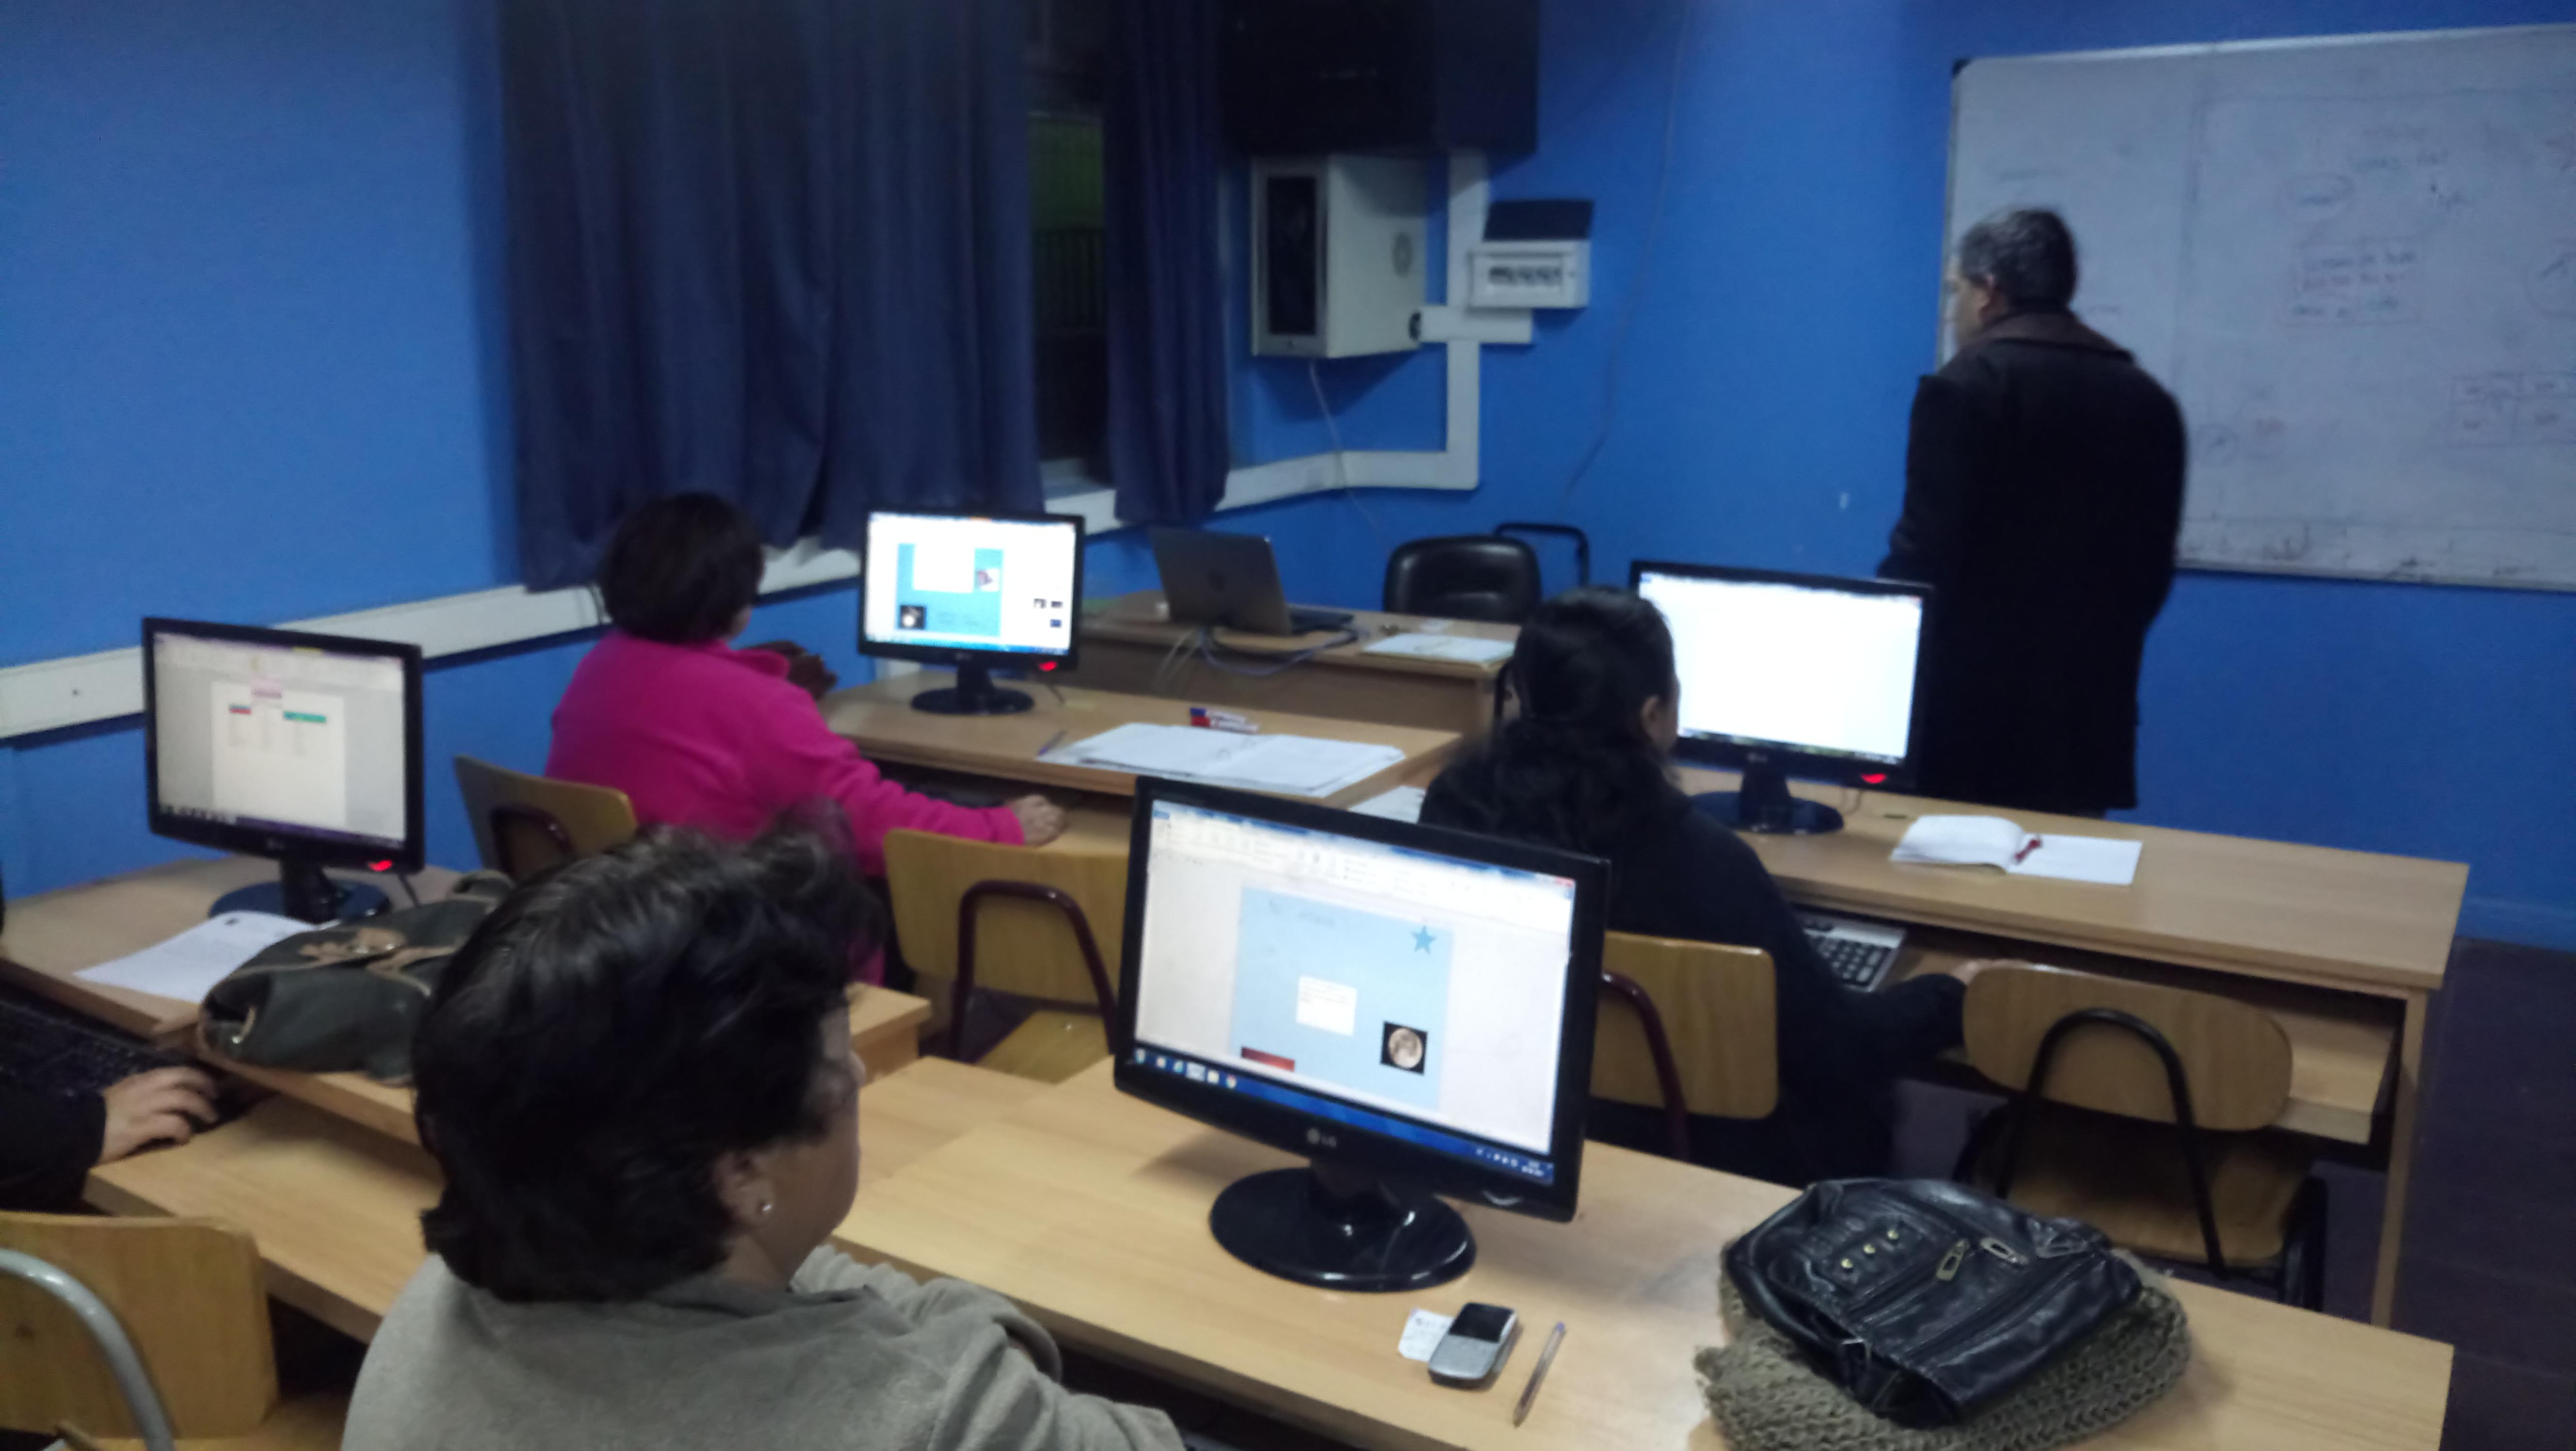 Emprendedores de Huasco podrán agilizar procedimientos en sus negocios tras capacitarse en computación